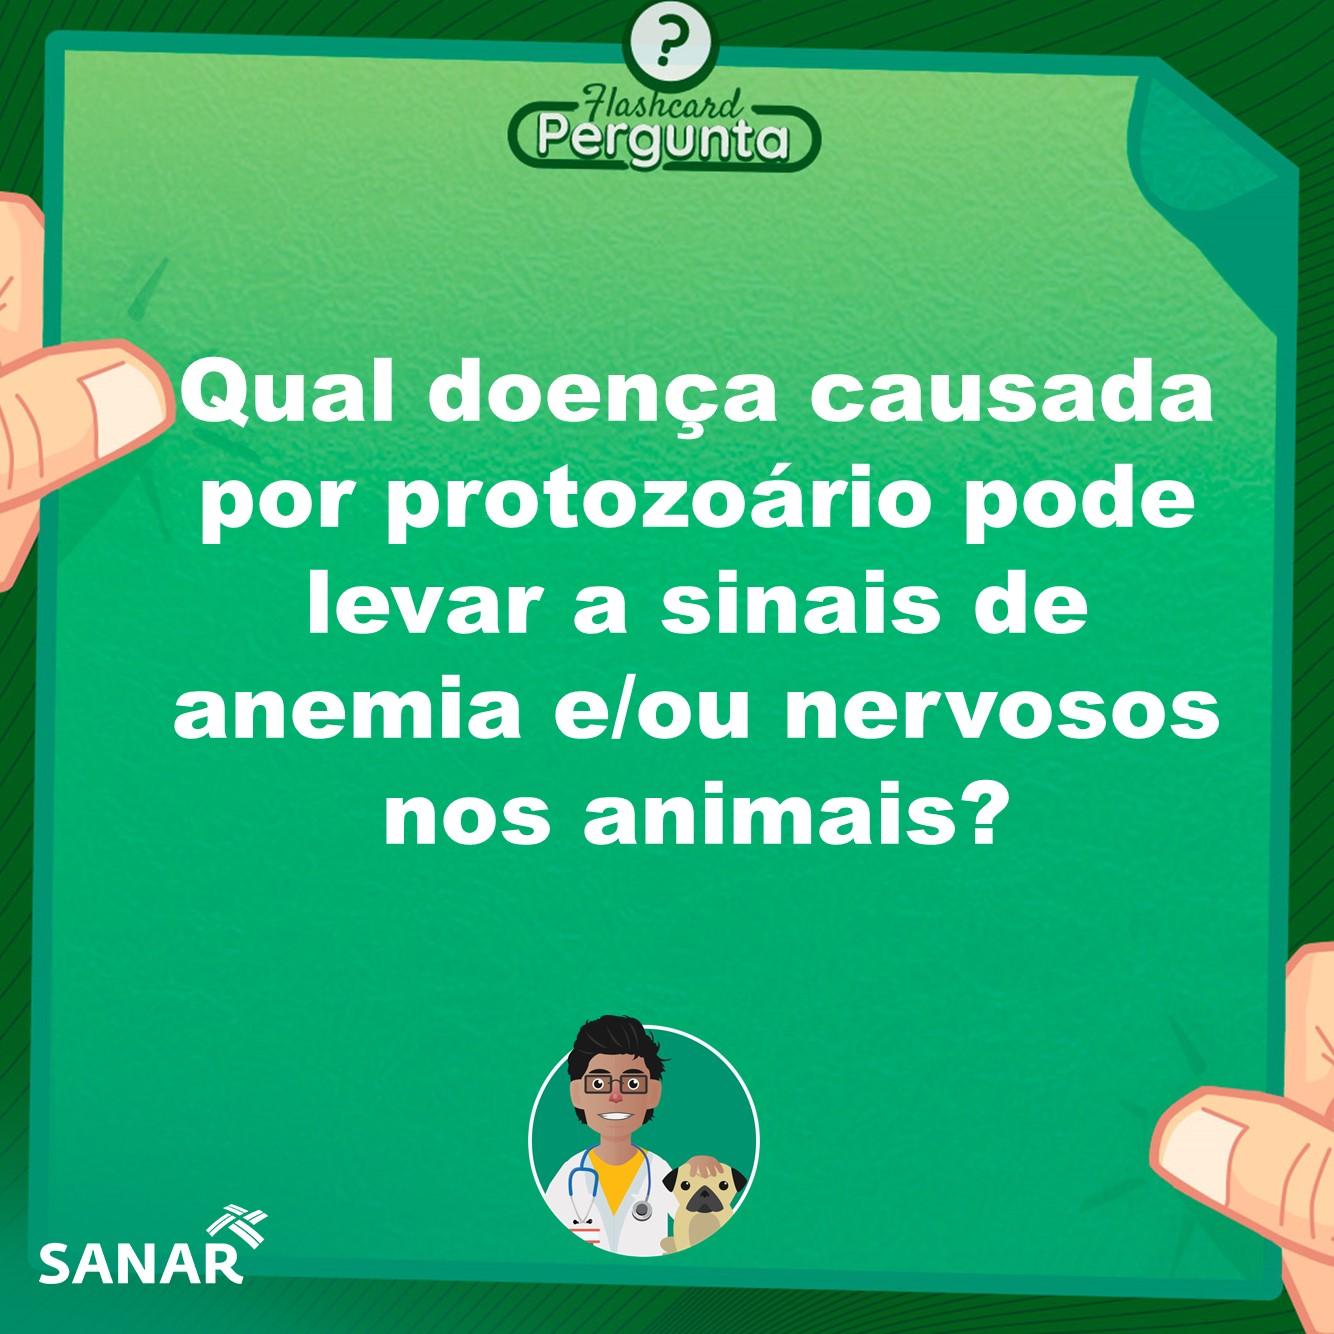 Flashcard de Patologia por Protozoário| Medicina Veterinária